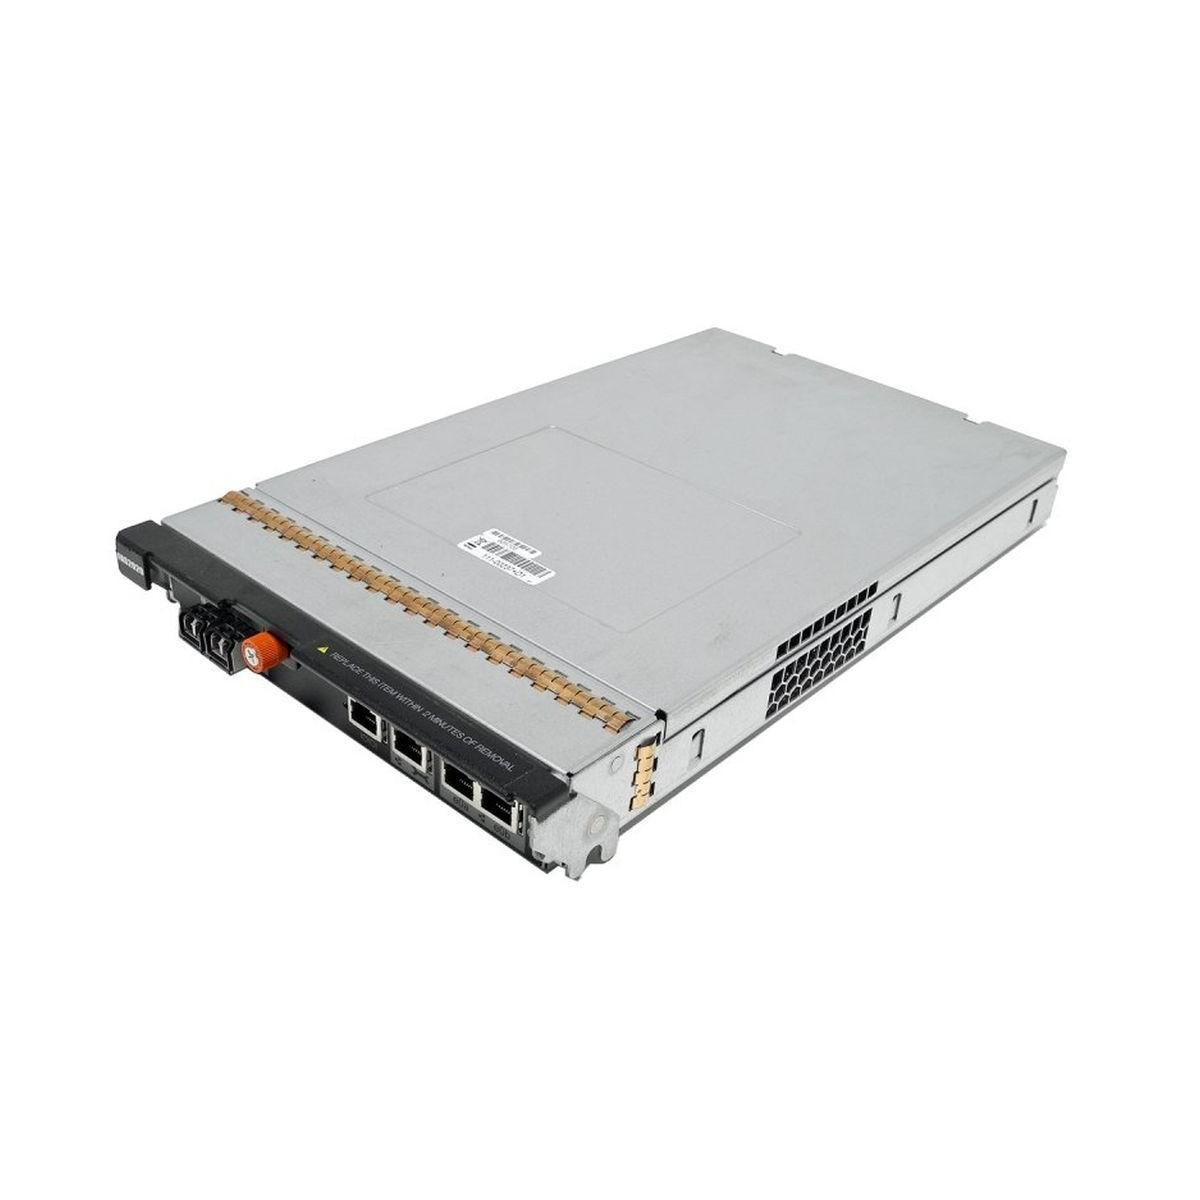 HP Z620 2.0 SIX E5-2620 8GB 256SSD K2000 WIN10 PRO